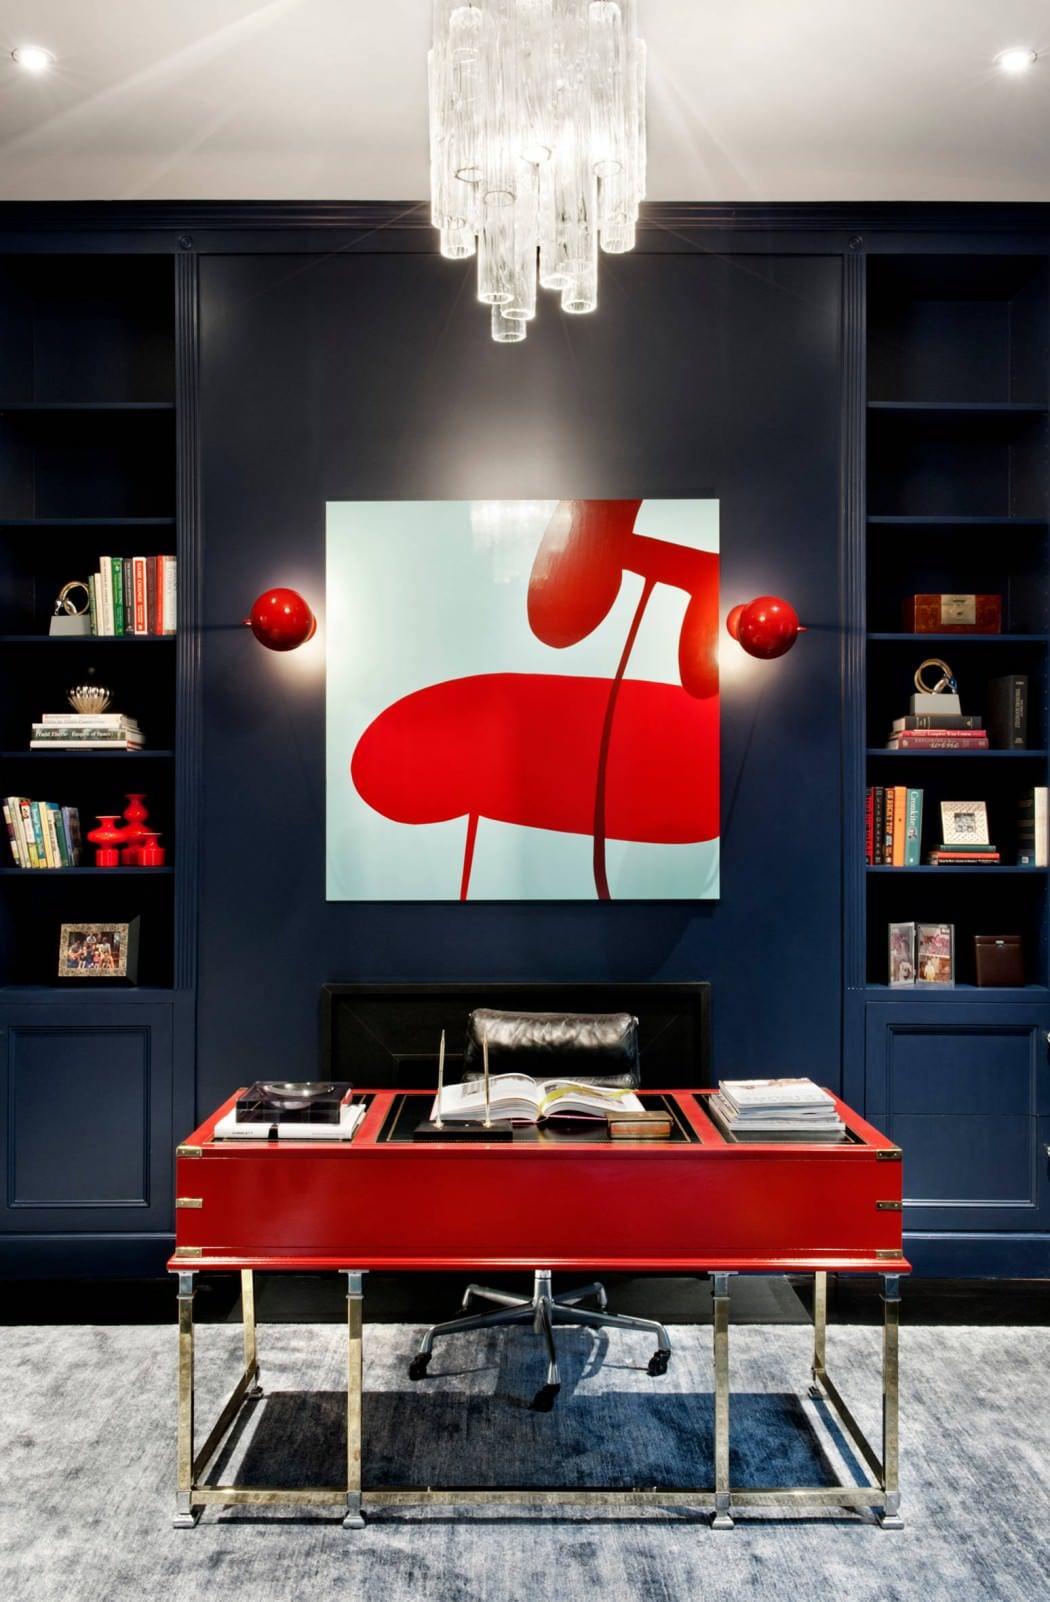 interieur in blau und rot mit eingebaiten Regalen blau und kamin schwarz hinter rotem schreibtisch